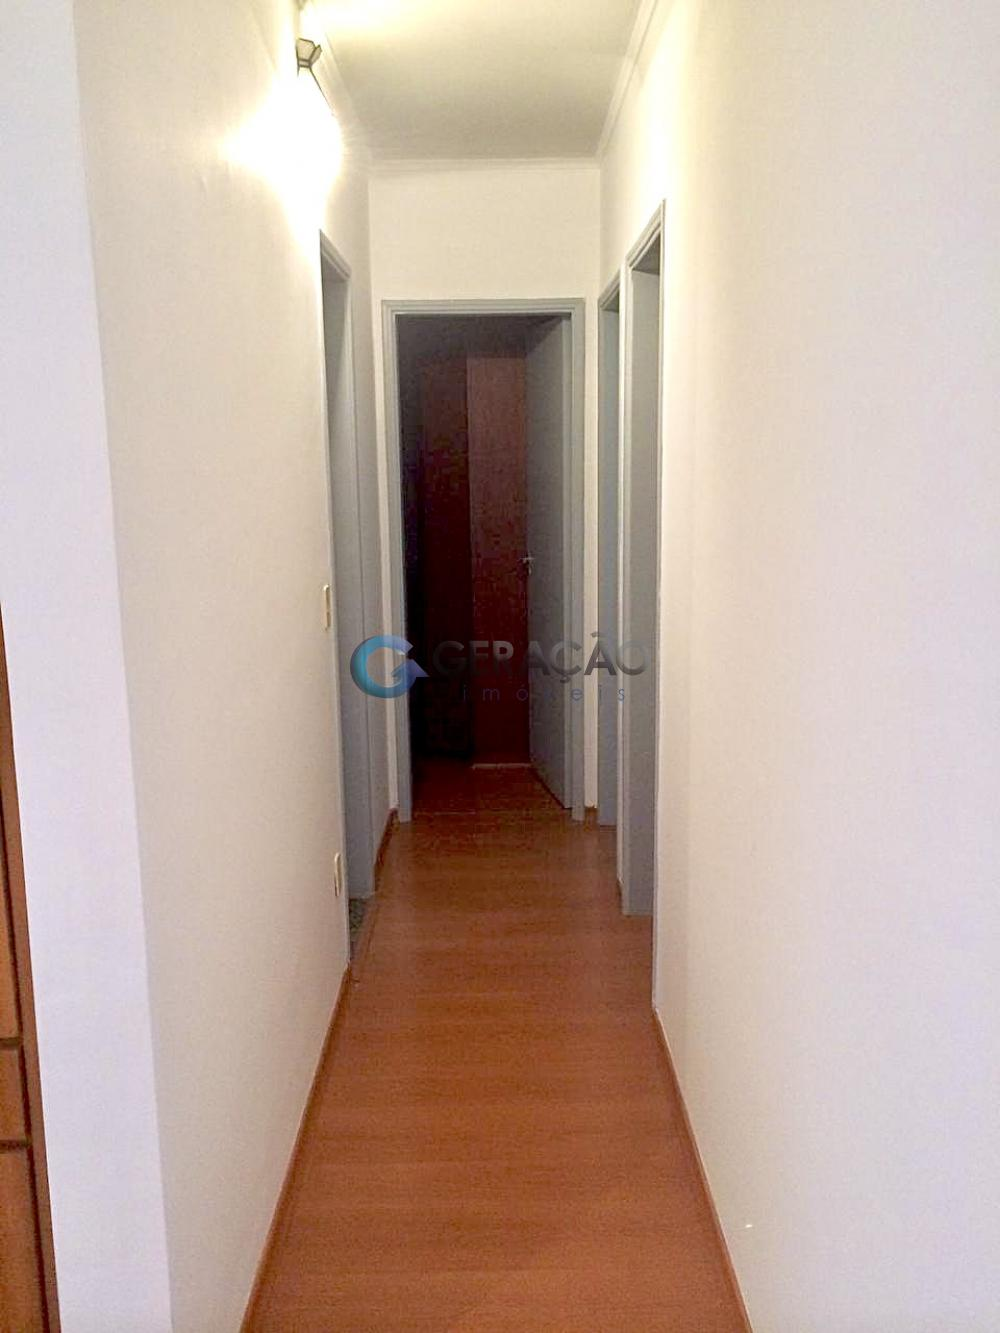 Alugar Apartamento / Padrão em São José dos Campos R$ 1.550,00 - Foto 6